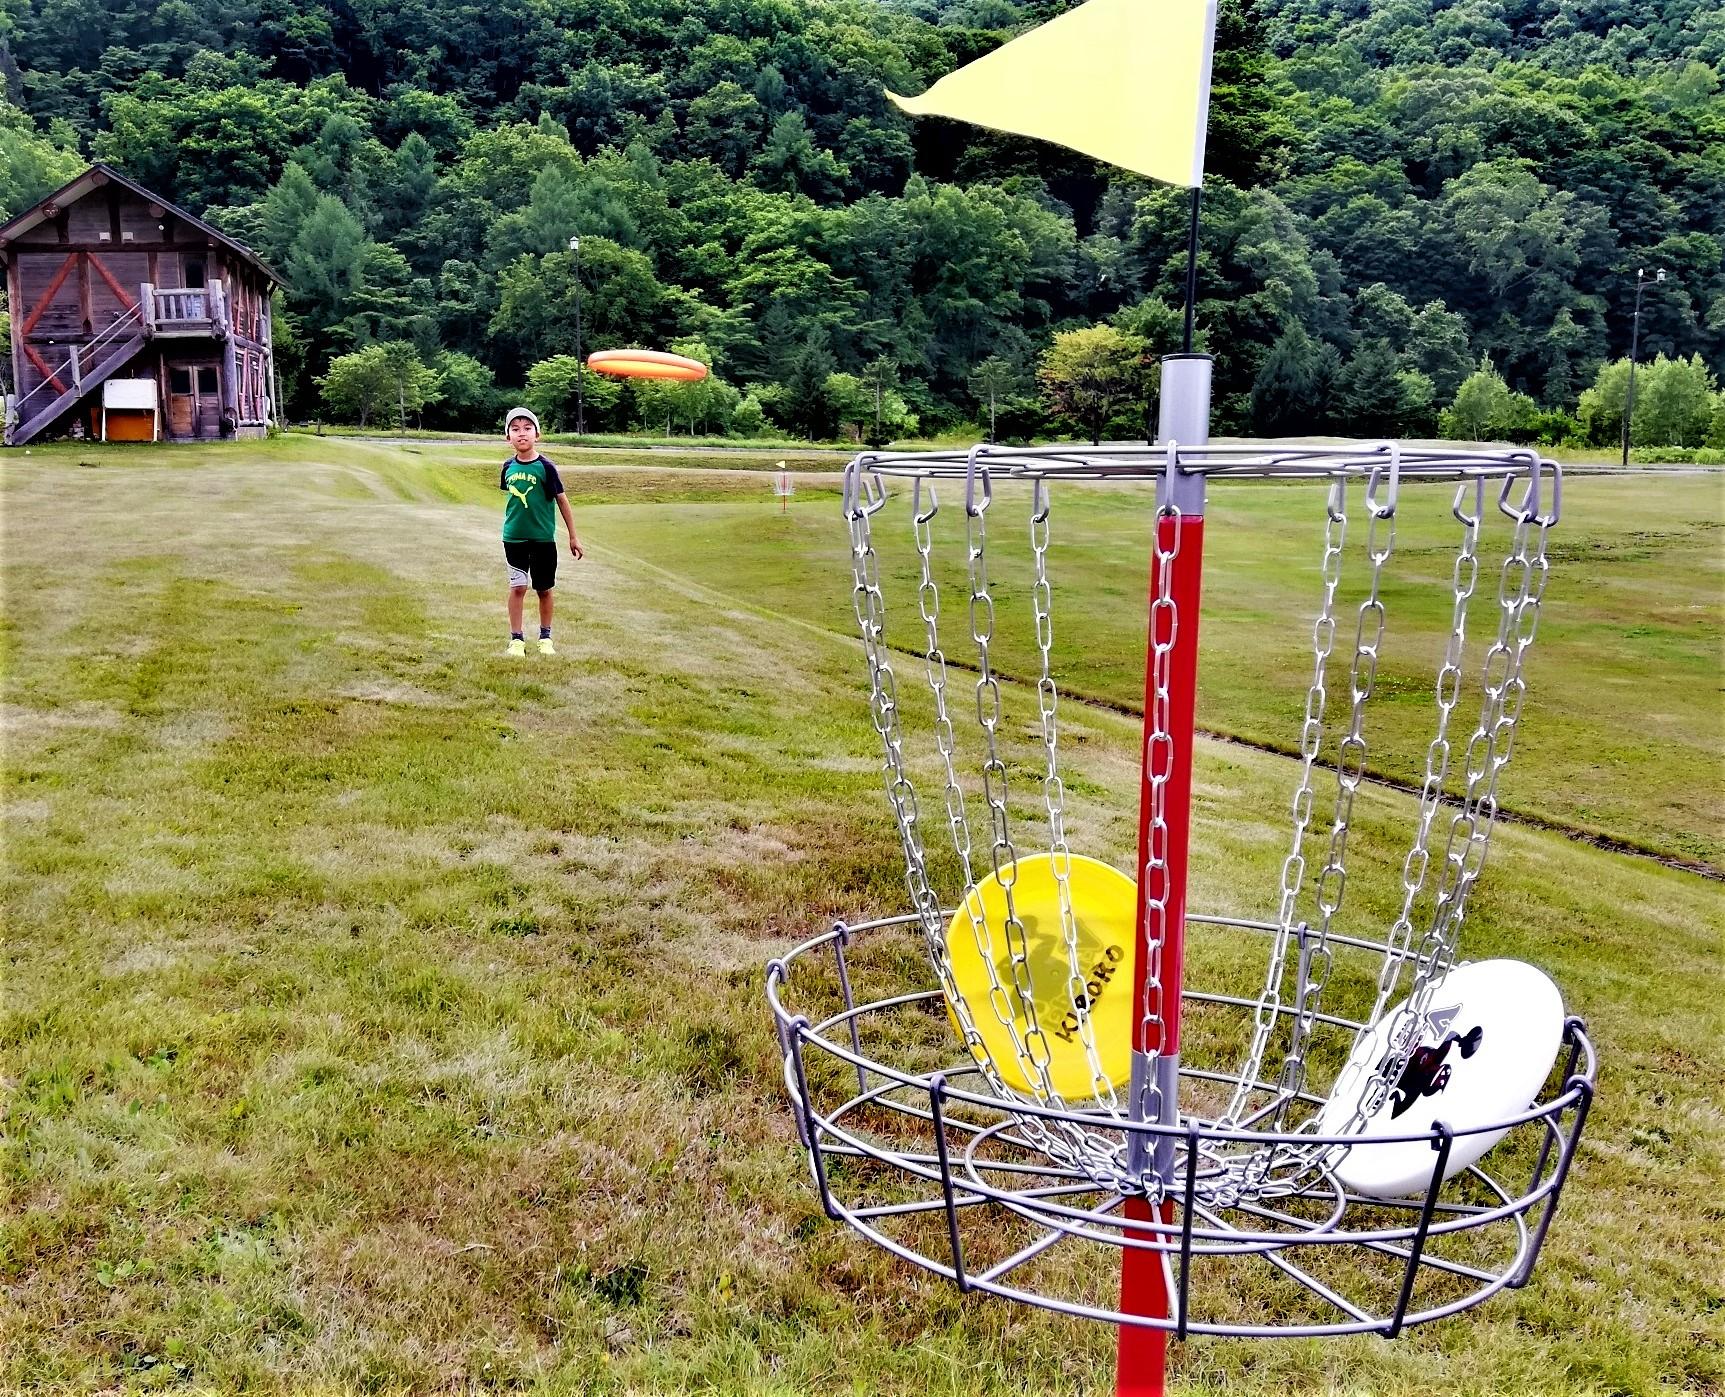 Fun Activities & Things to do in the Summer | Kiroro Ski Resort